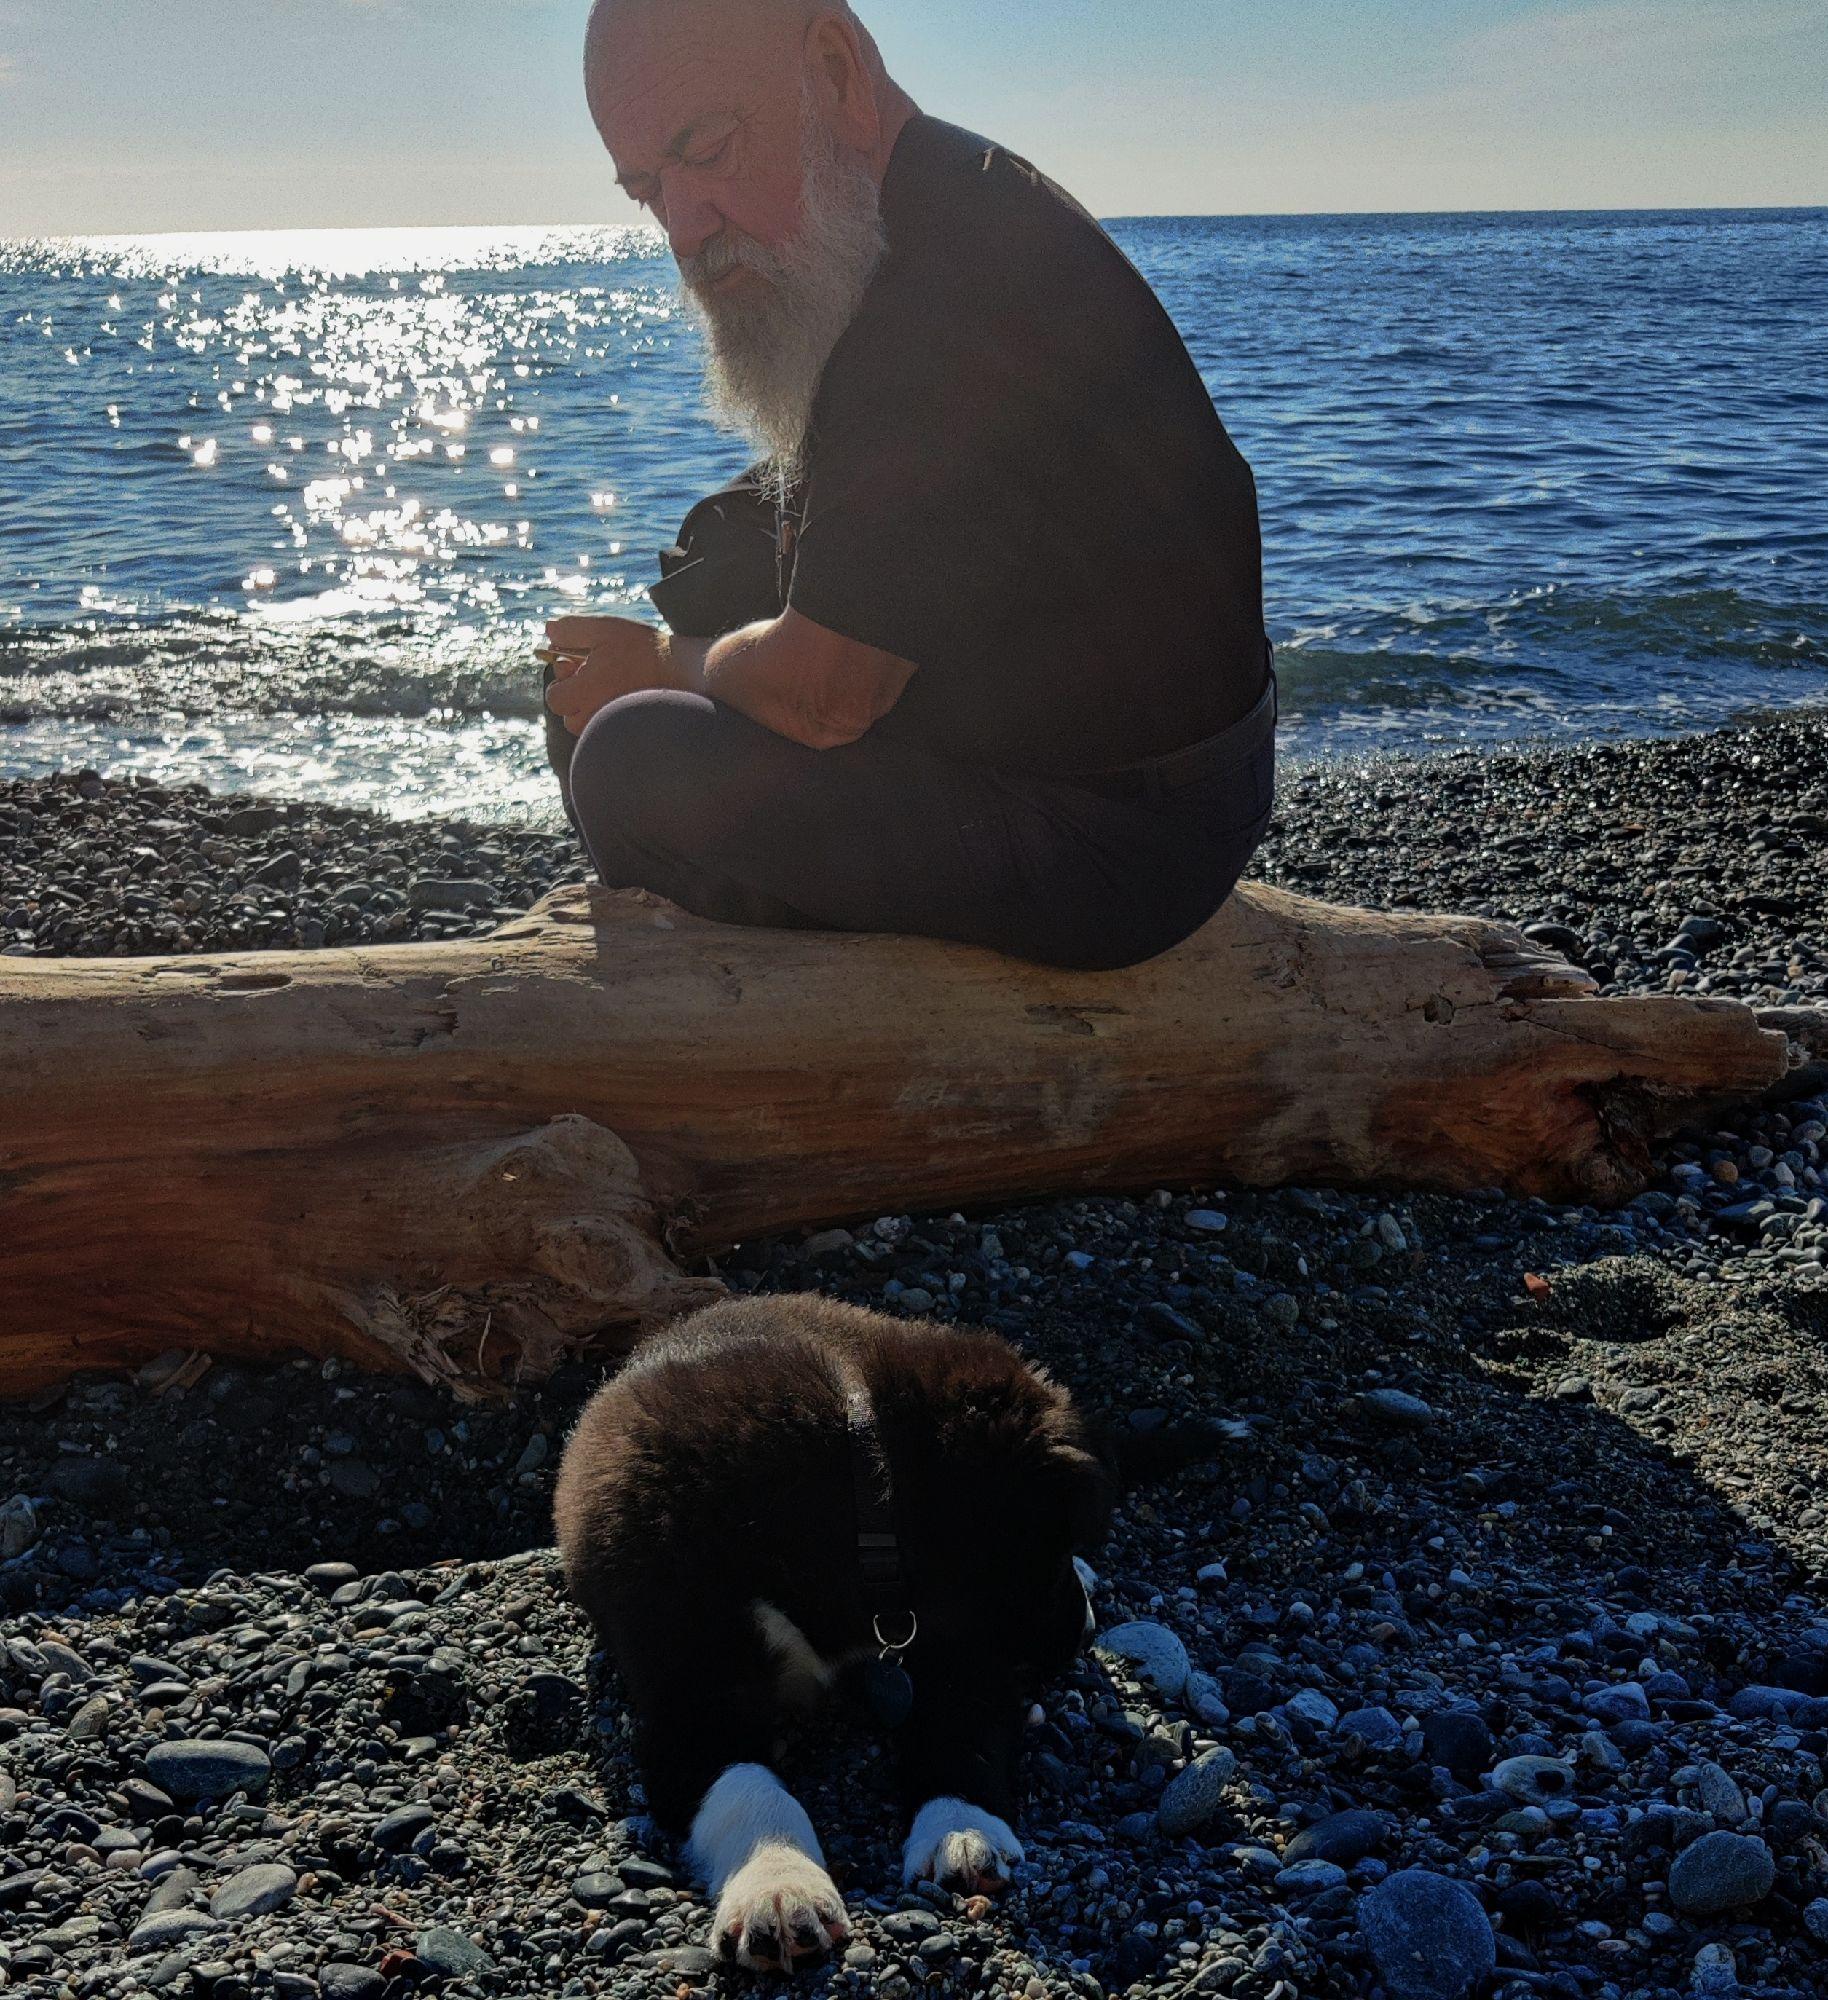 Этого щенка зовут Ирозо. Я так удивилась странному имени, что мне тут же рассказали,  про последнего мула альпийских стрелков, умершего в прошлом году в возрасте 40 лет ( это человеческие - 120)